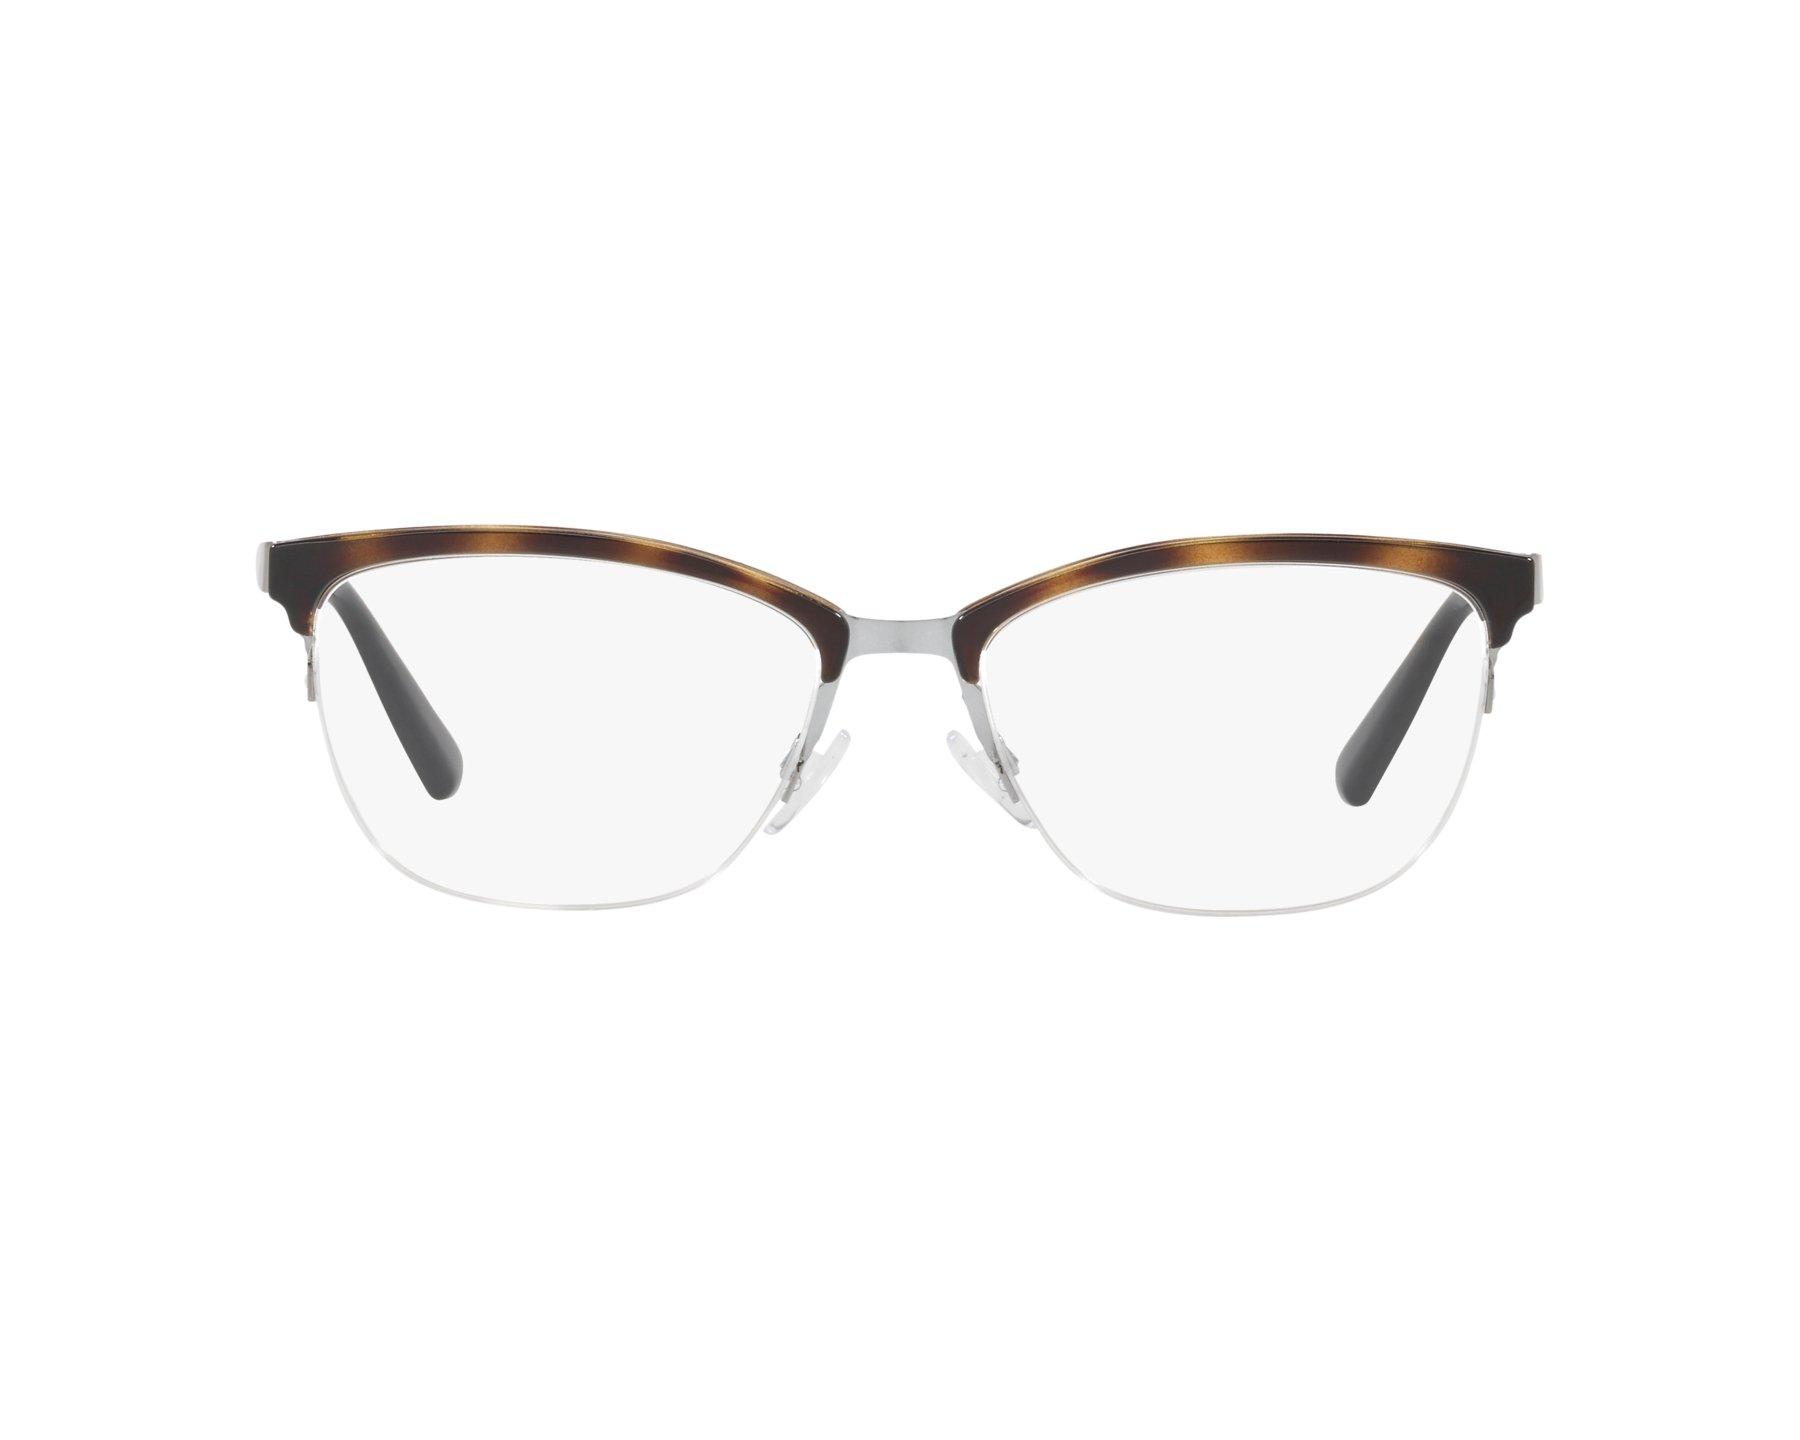 Emporio Armani Eyeglasses Havana EA-1066 3208 - Visionet US